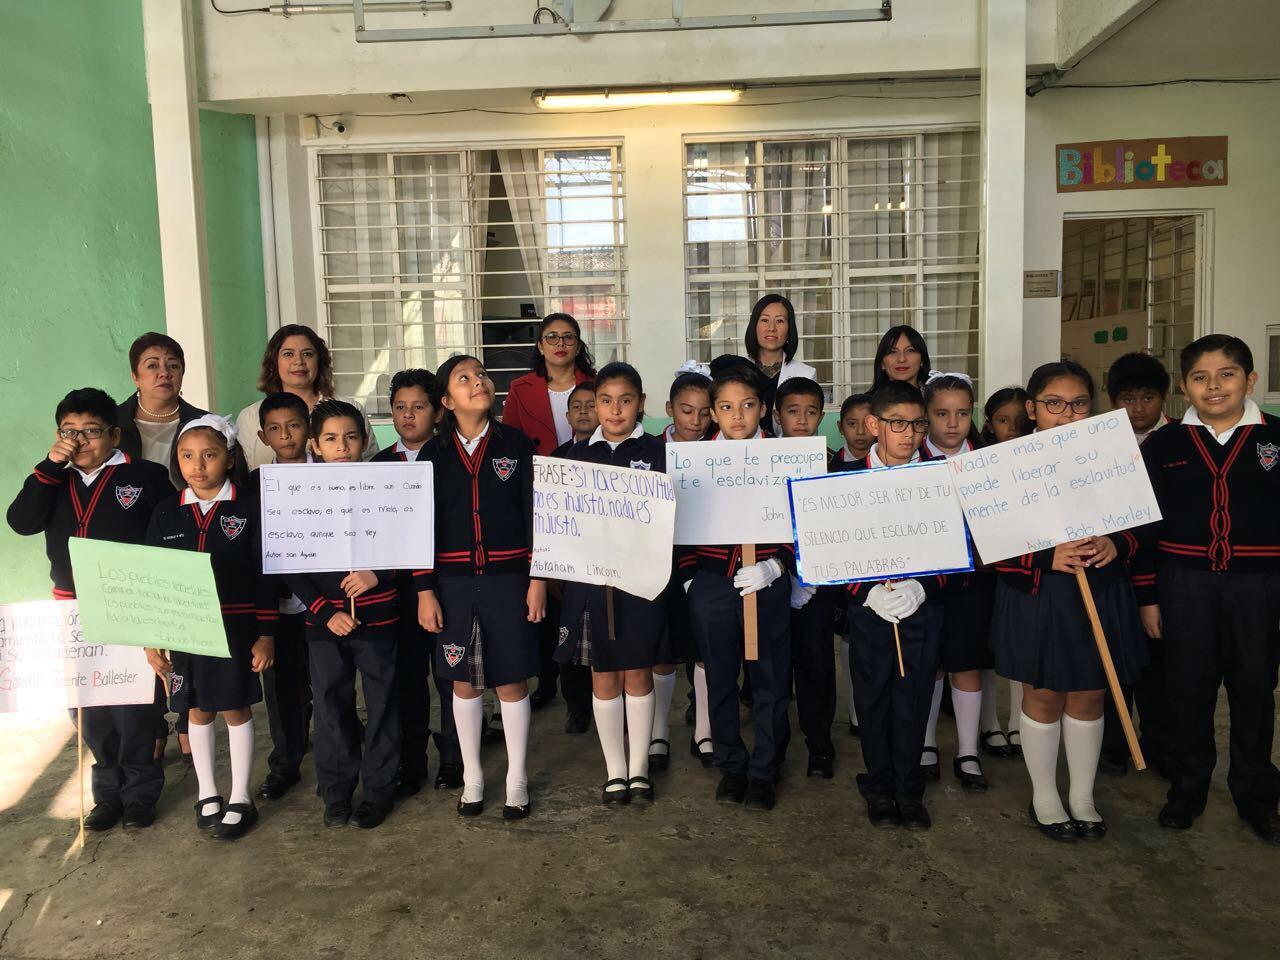 Ople Veracruz promueve la igualdad y la inclusión en ... - photo#19